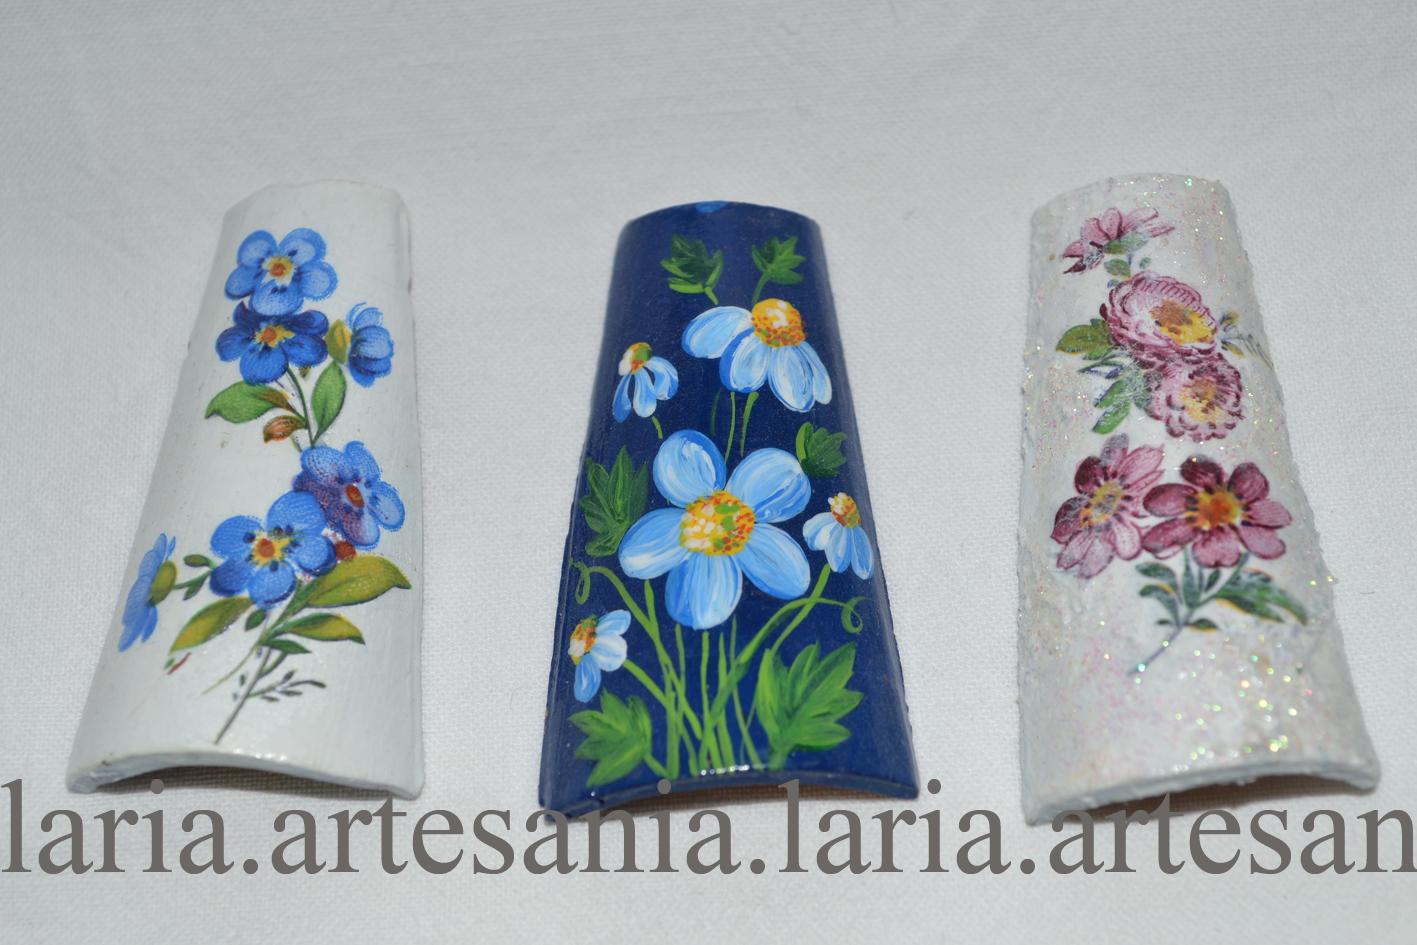 Artesan a laria broches con tejas peque as unas pintadas - Tejas pequenas decoradas ...